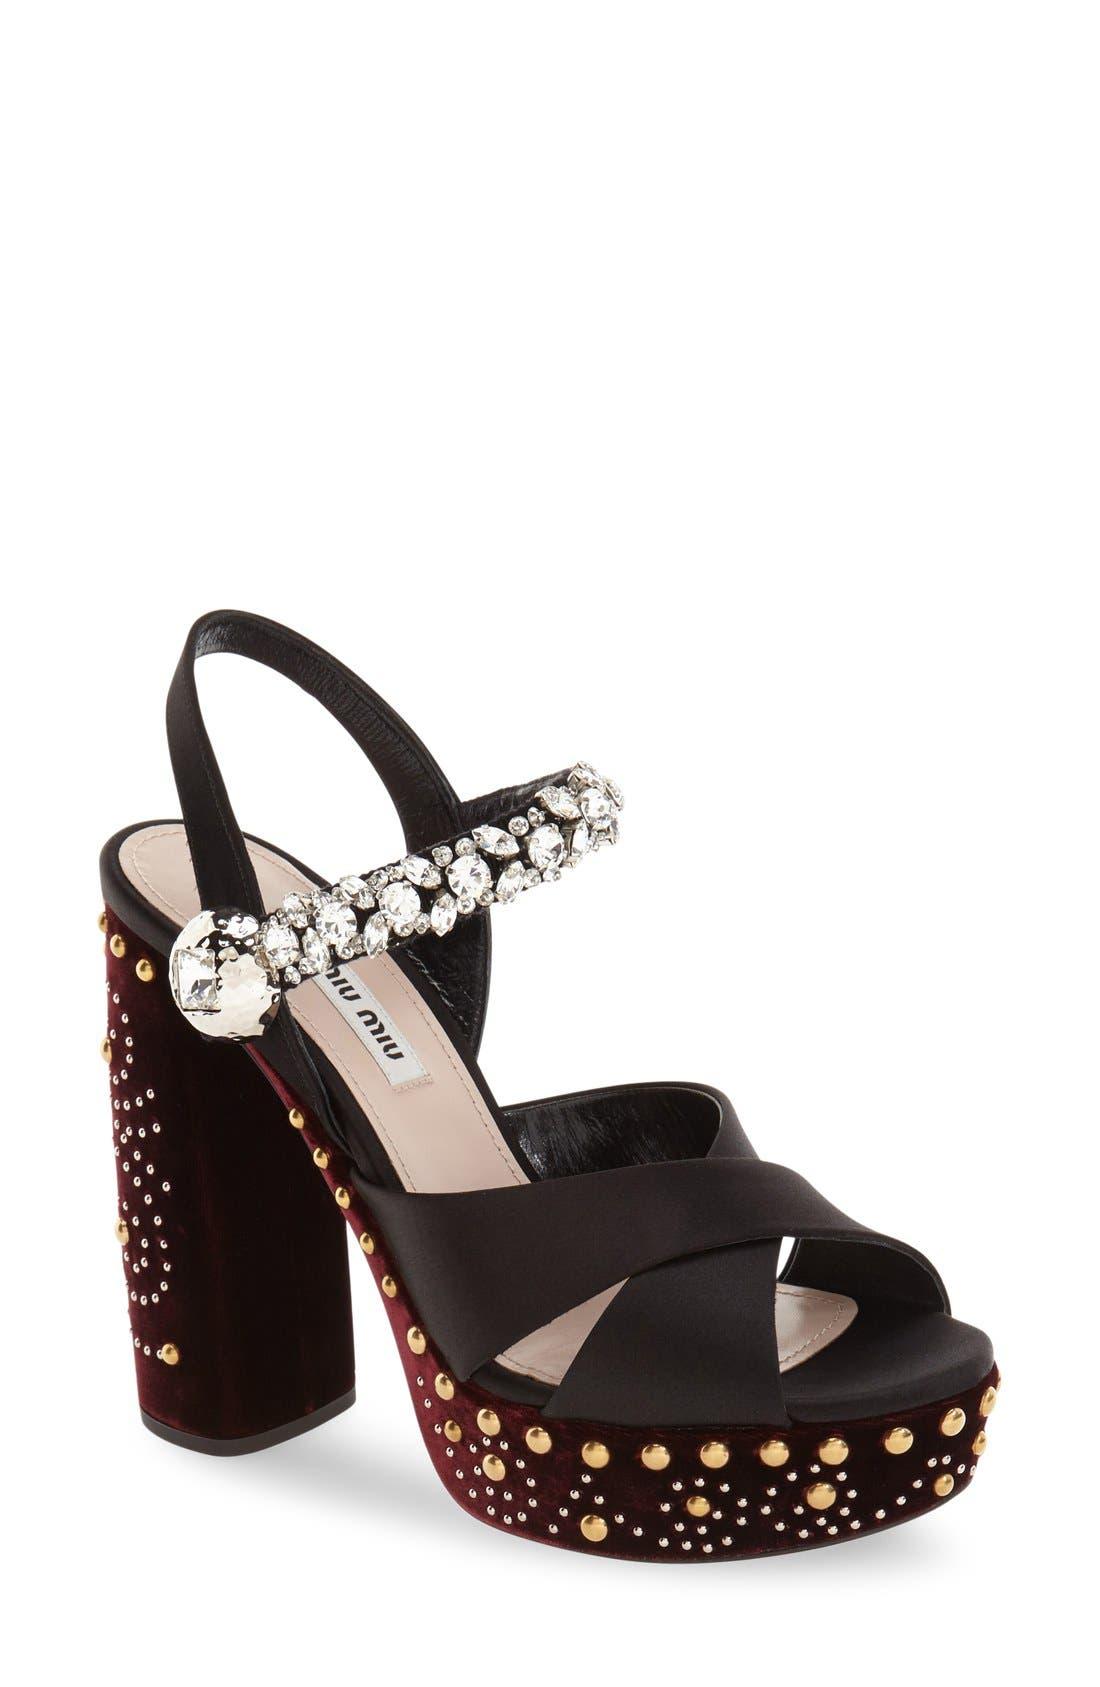 Alternate Image 1 Selected - Miu Miu Embellished Platform Sandal (Women)